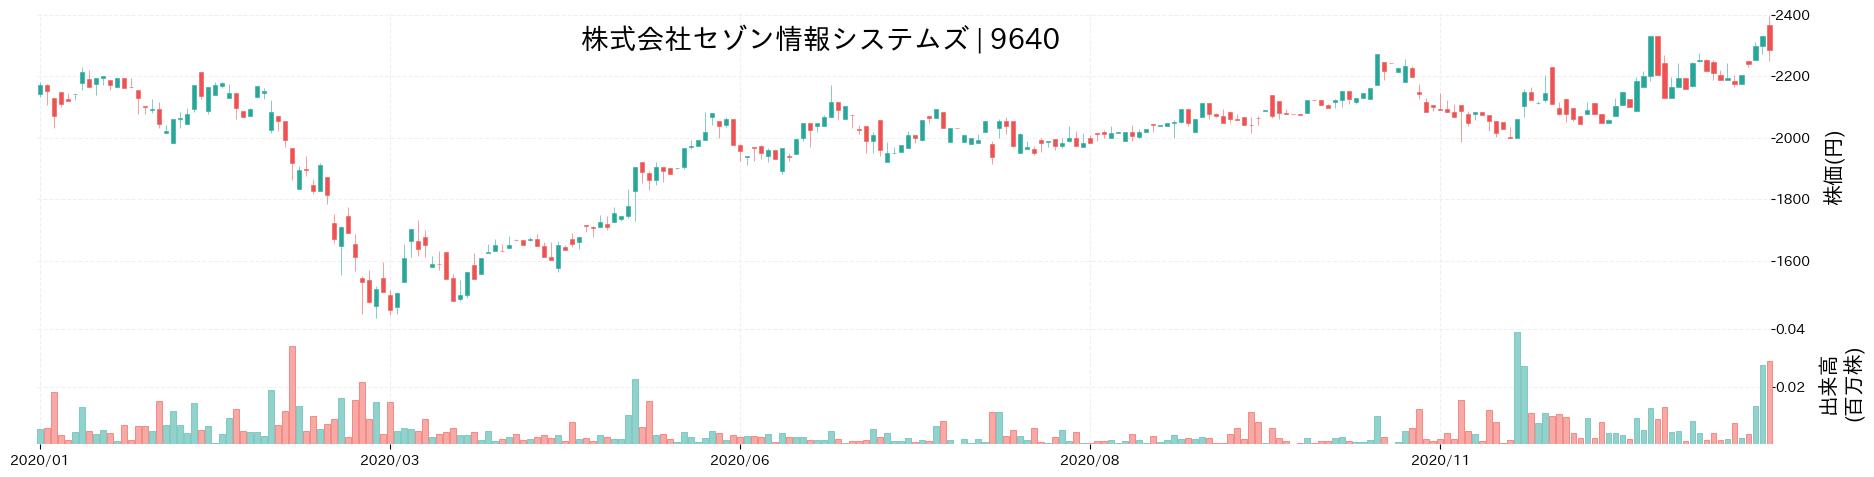 株式会社セゾン情報システムズの株価推移(2020)